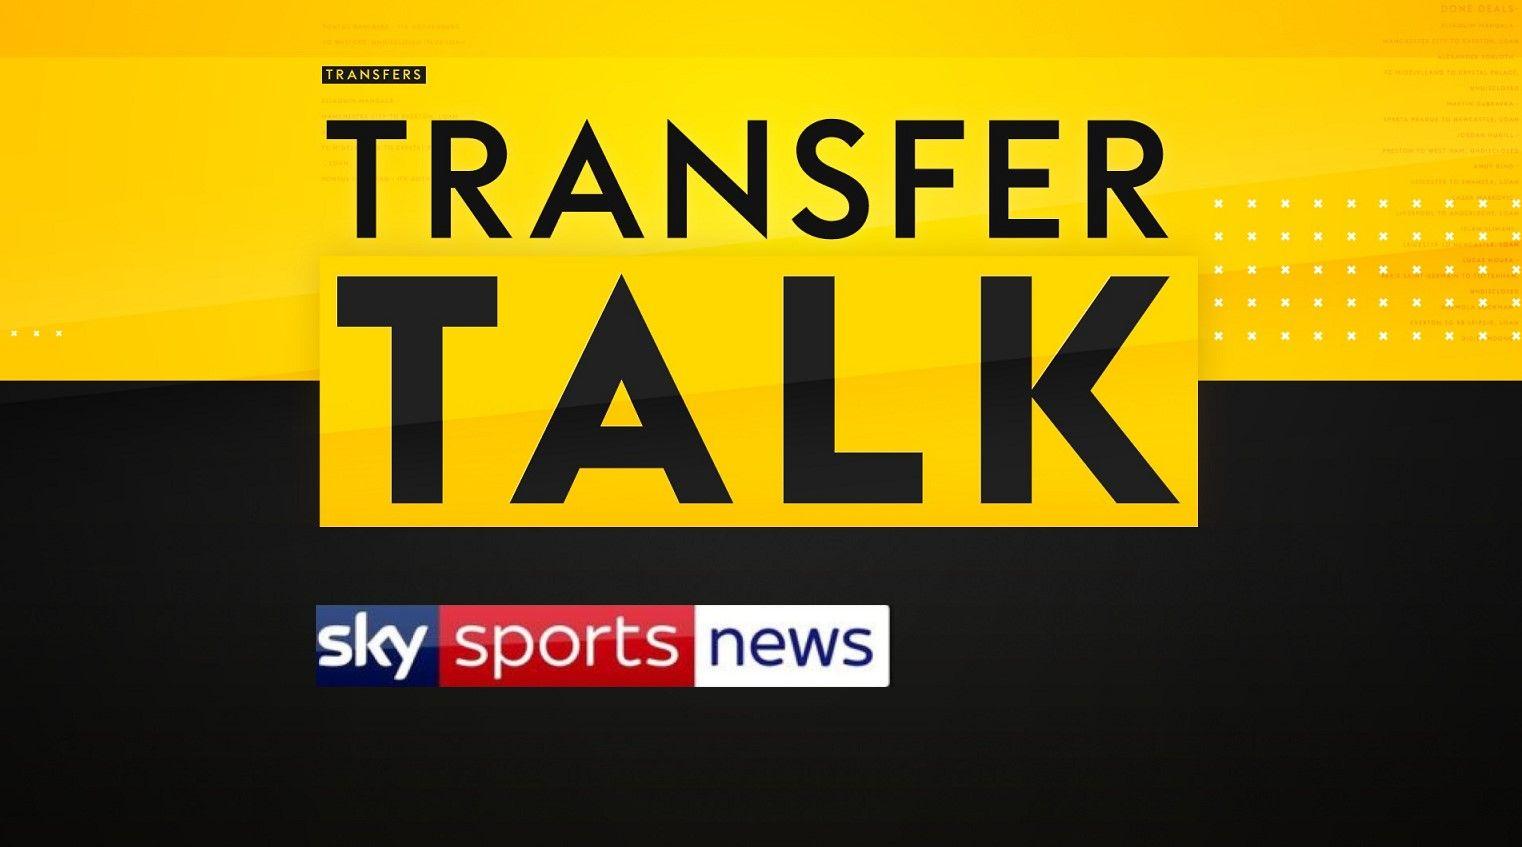 Transfer Talk on Sky Sports News live stream Football